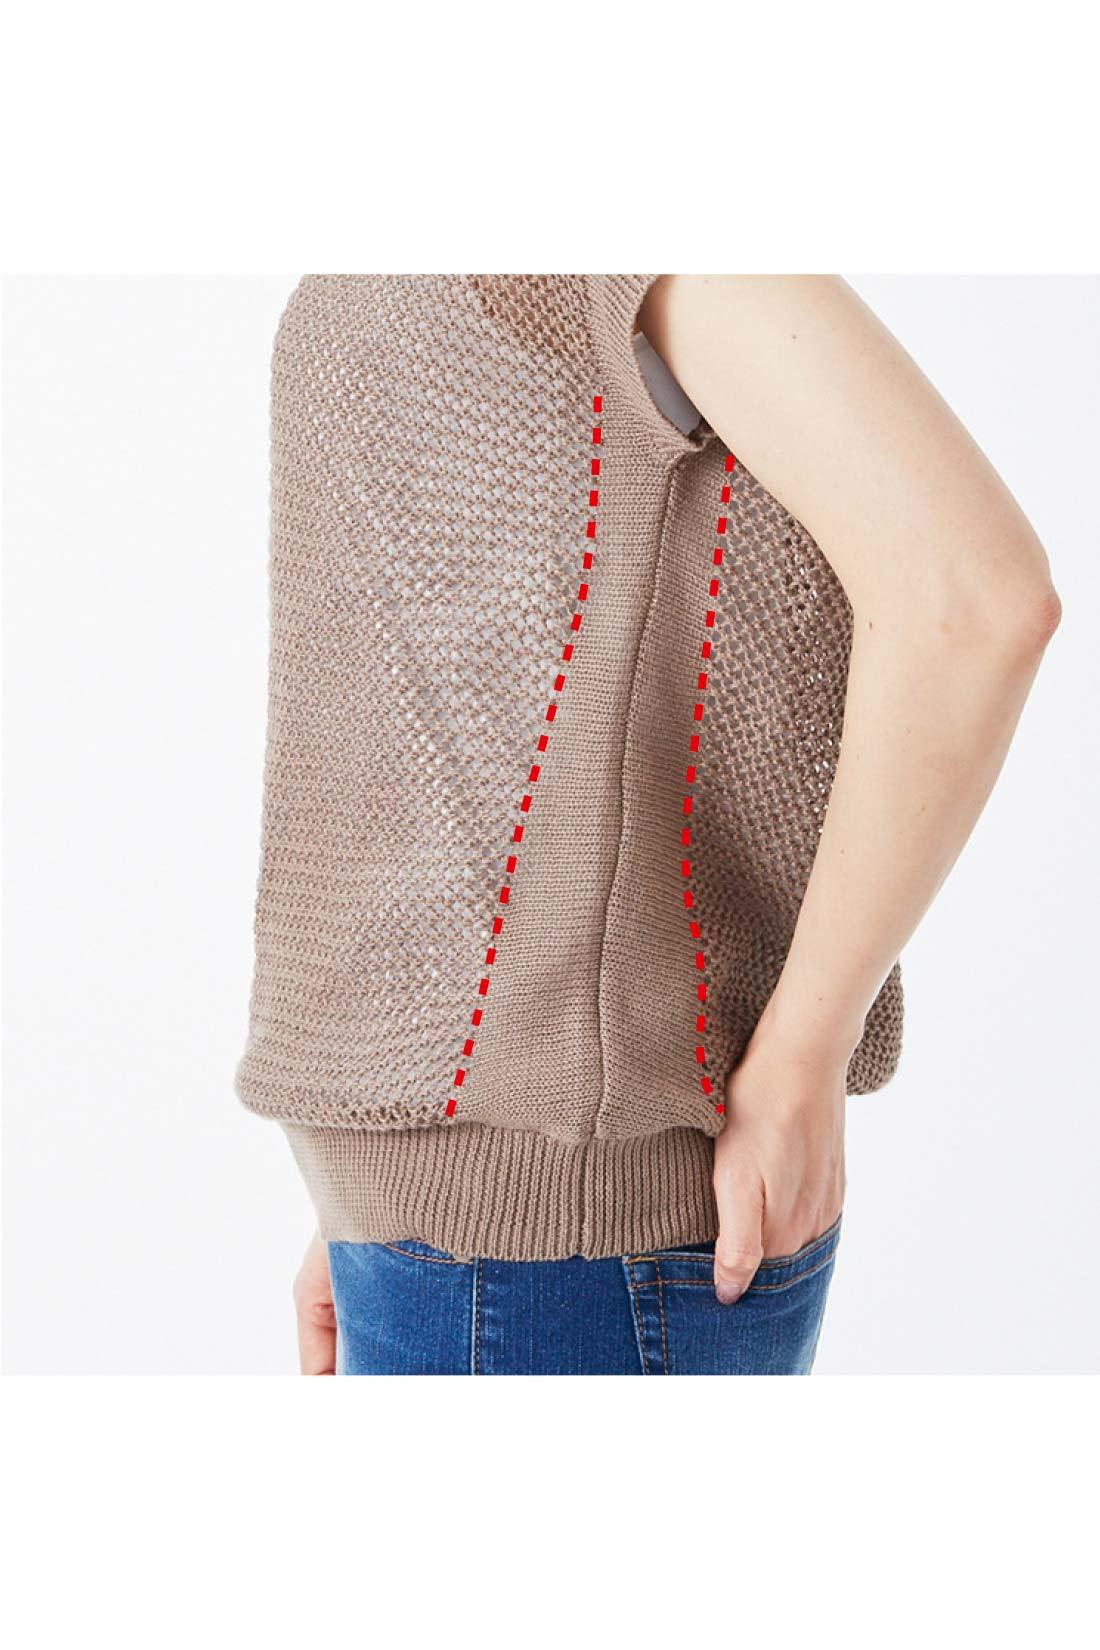 正面から見える身ごろのメッシュ部分の面積を少なくし、わき部分の編み方を変えることで細見せ効果をかなえます。